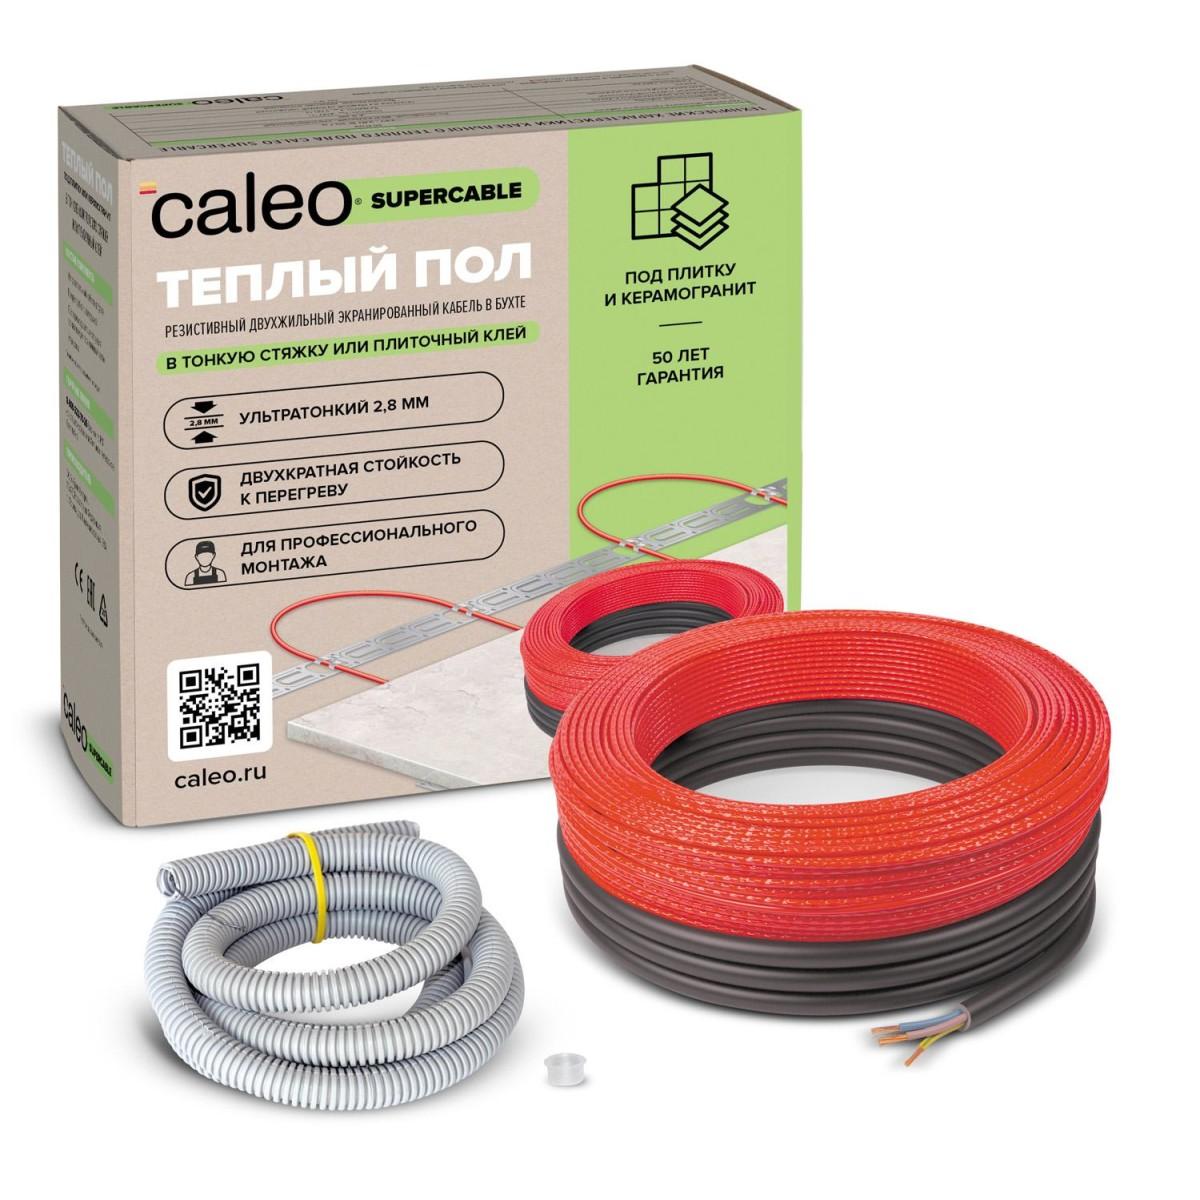 Нагревательная секция для теплого пола Caleo Supercable 18W-60 5.4-8.3 М2